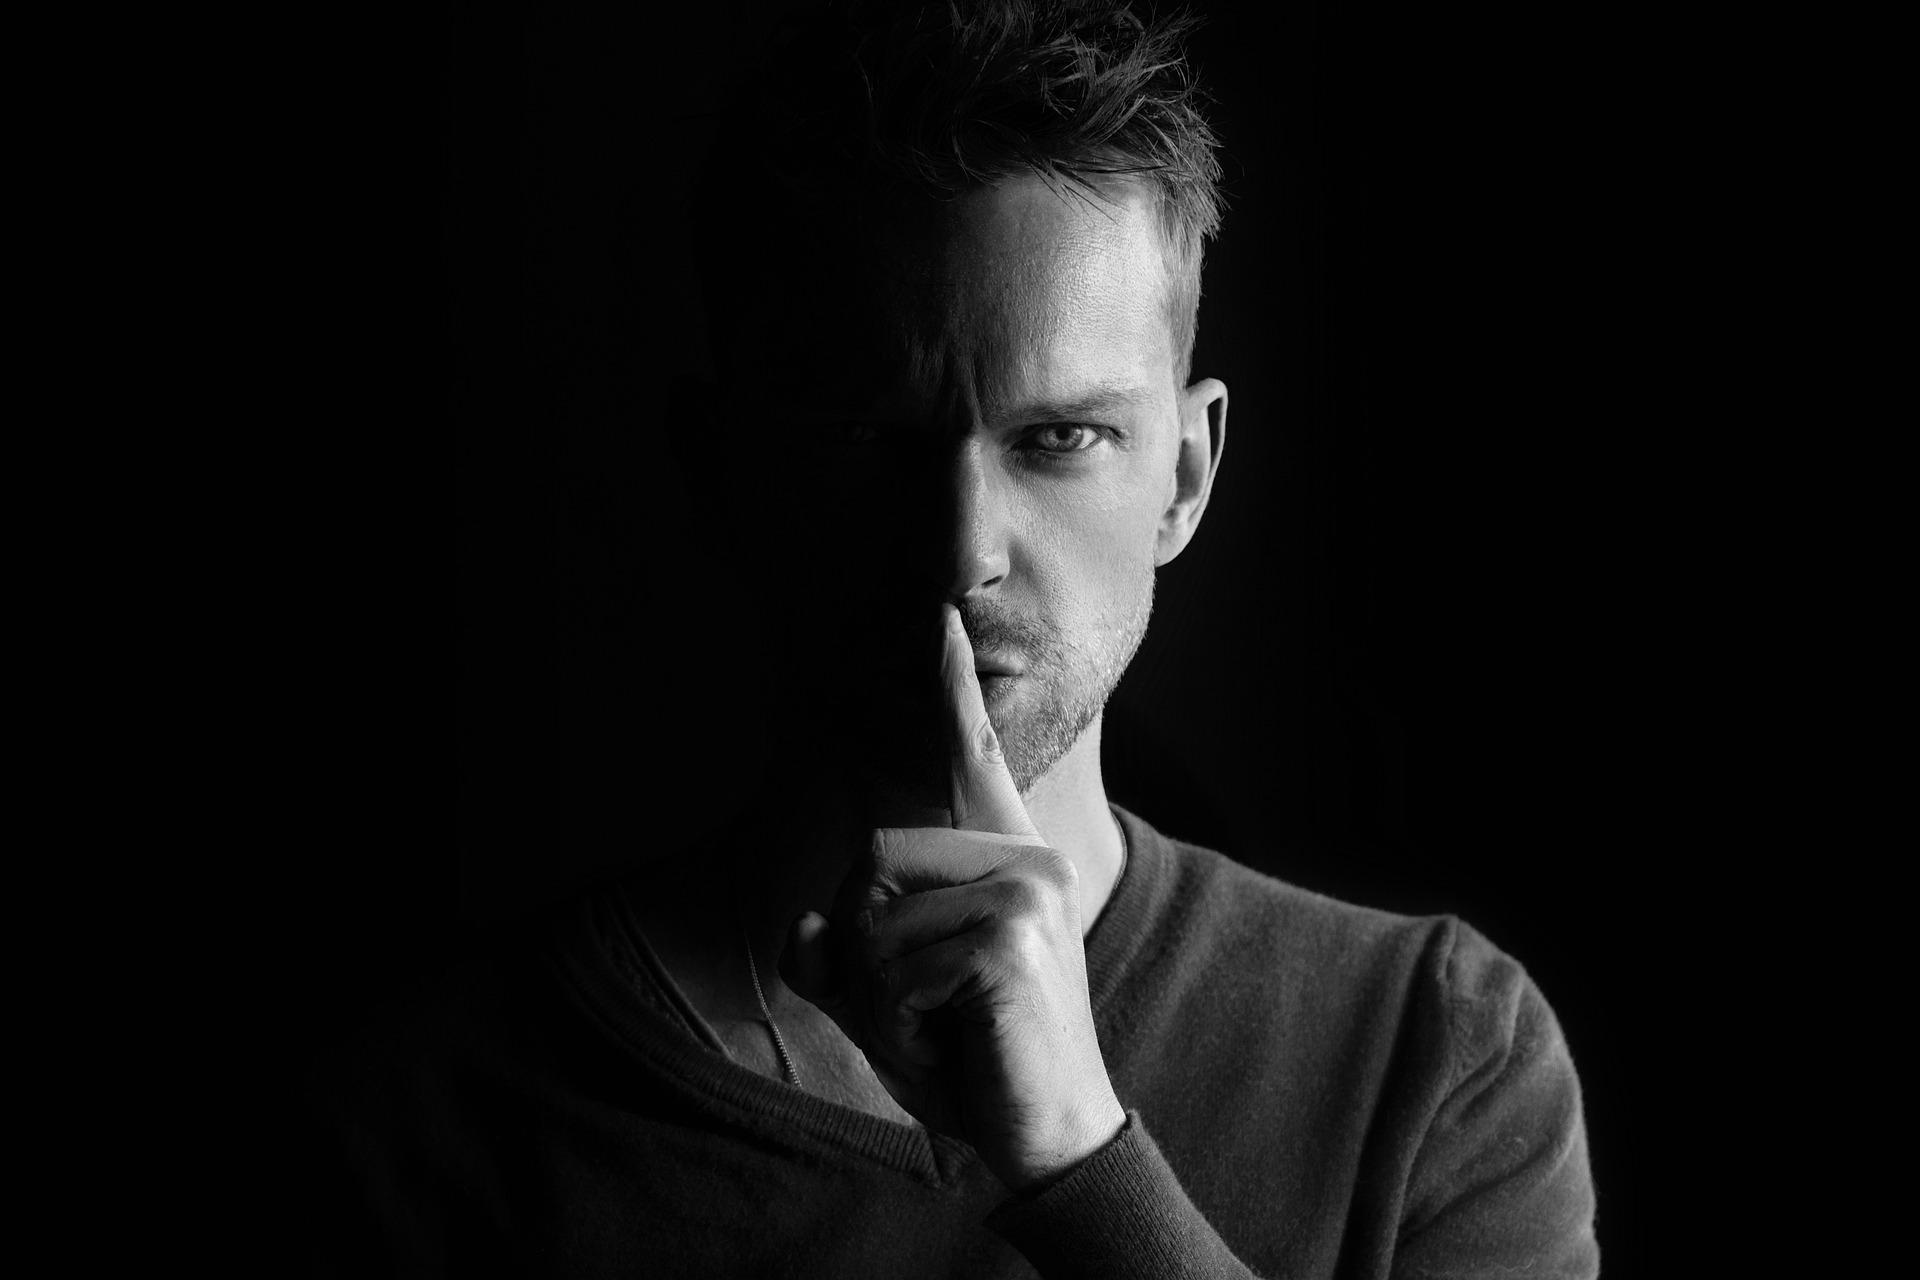 5 Dinge, die sich hinter einer narzisstischen Maske verbergen